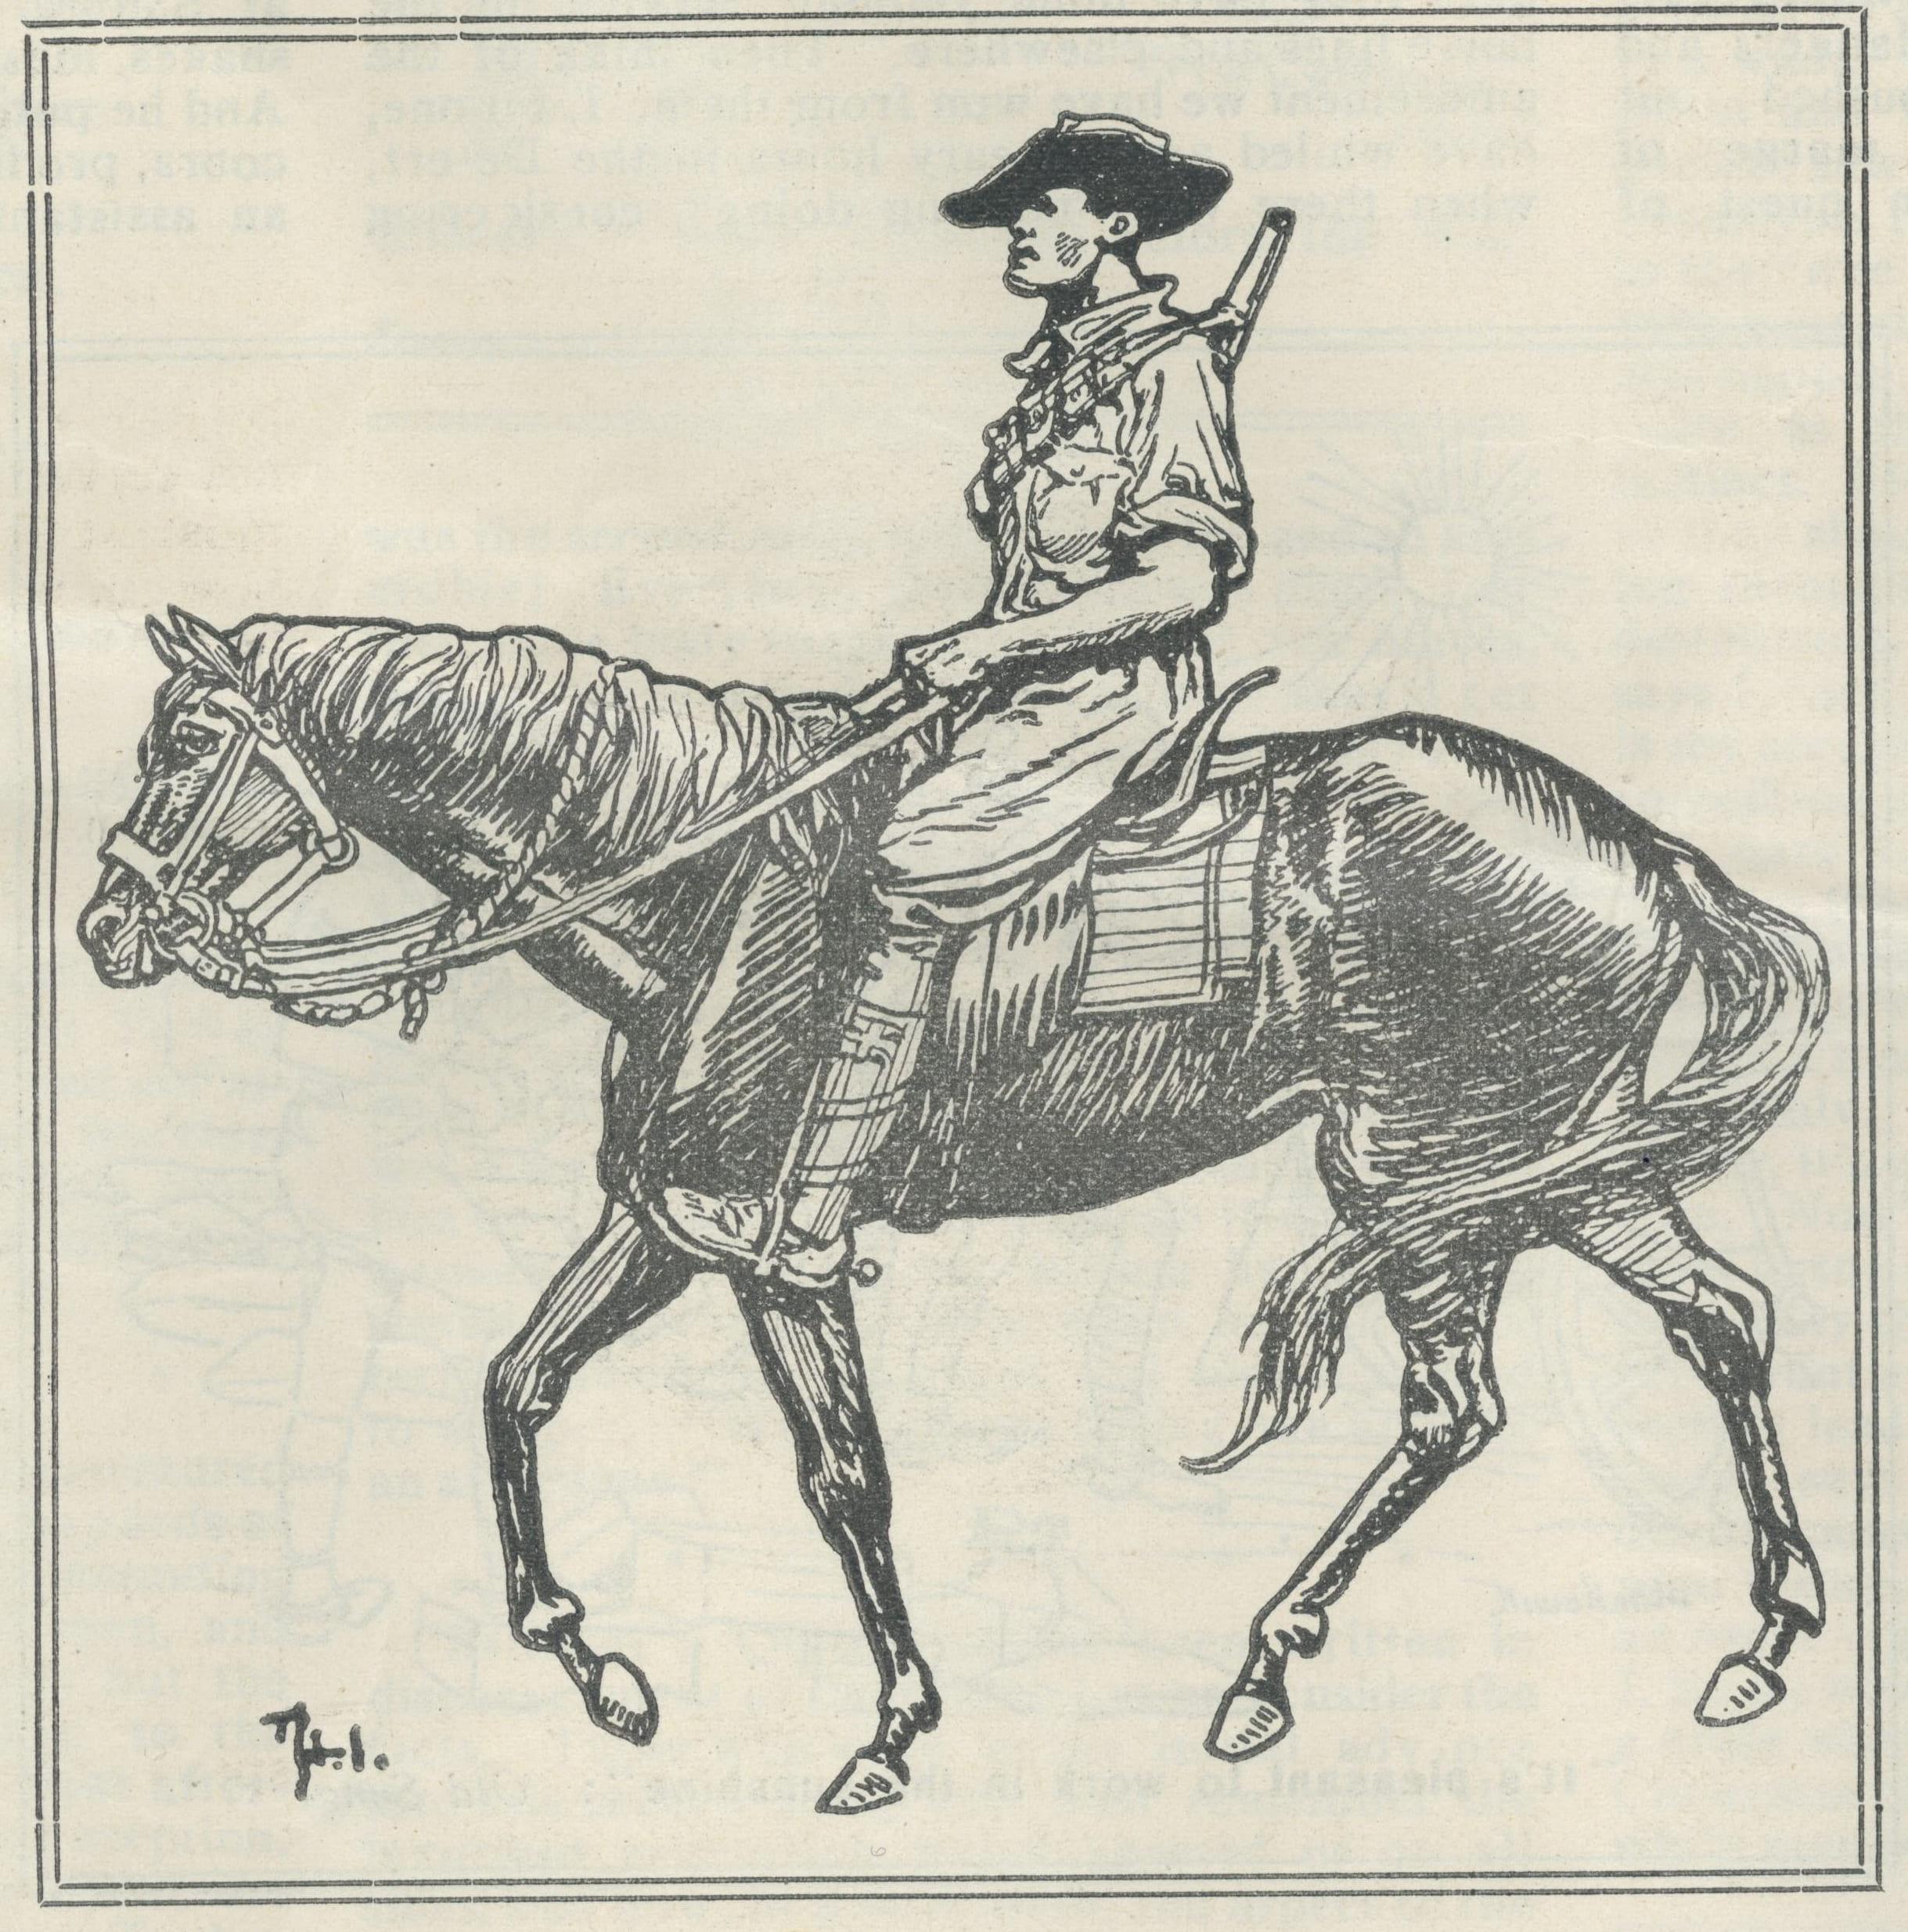 Sketch of a Light Horseman